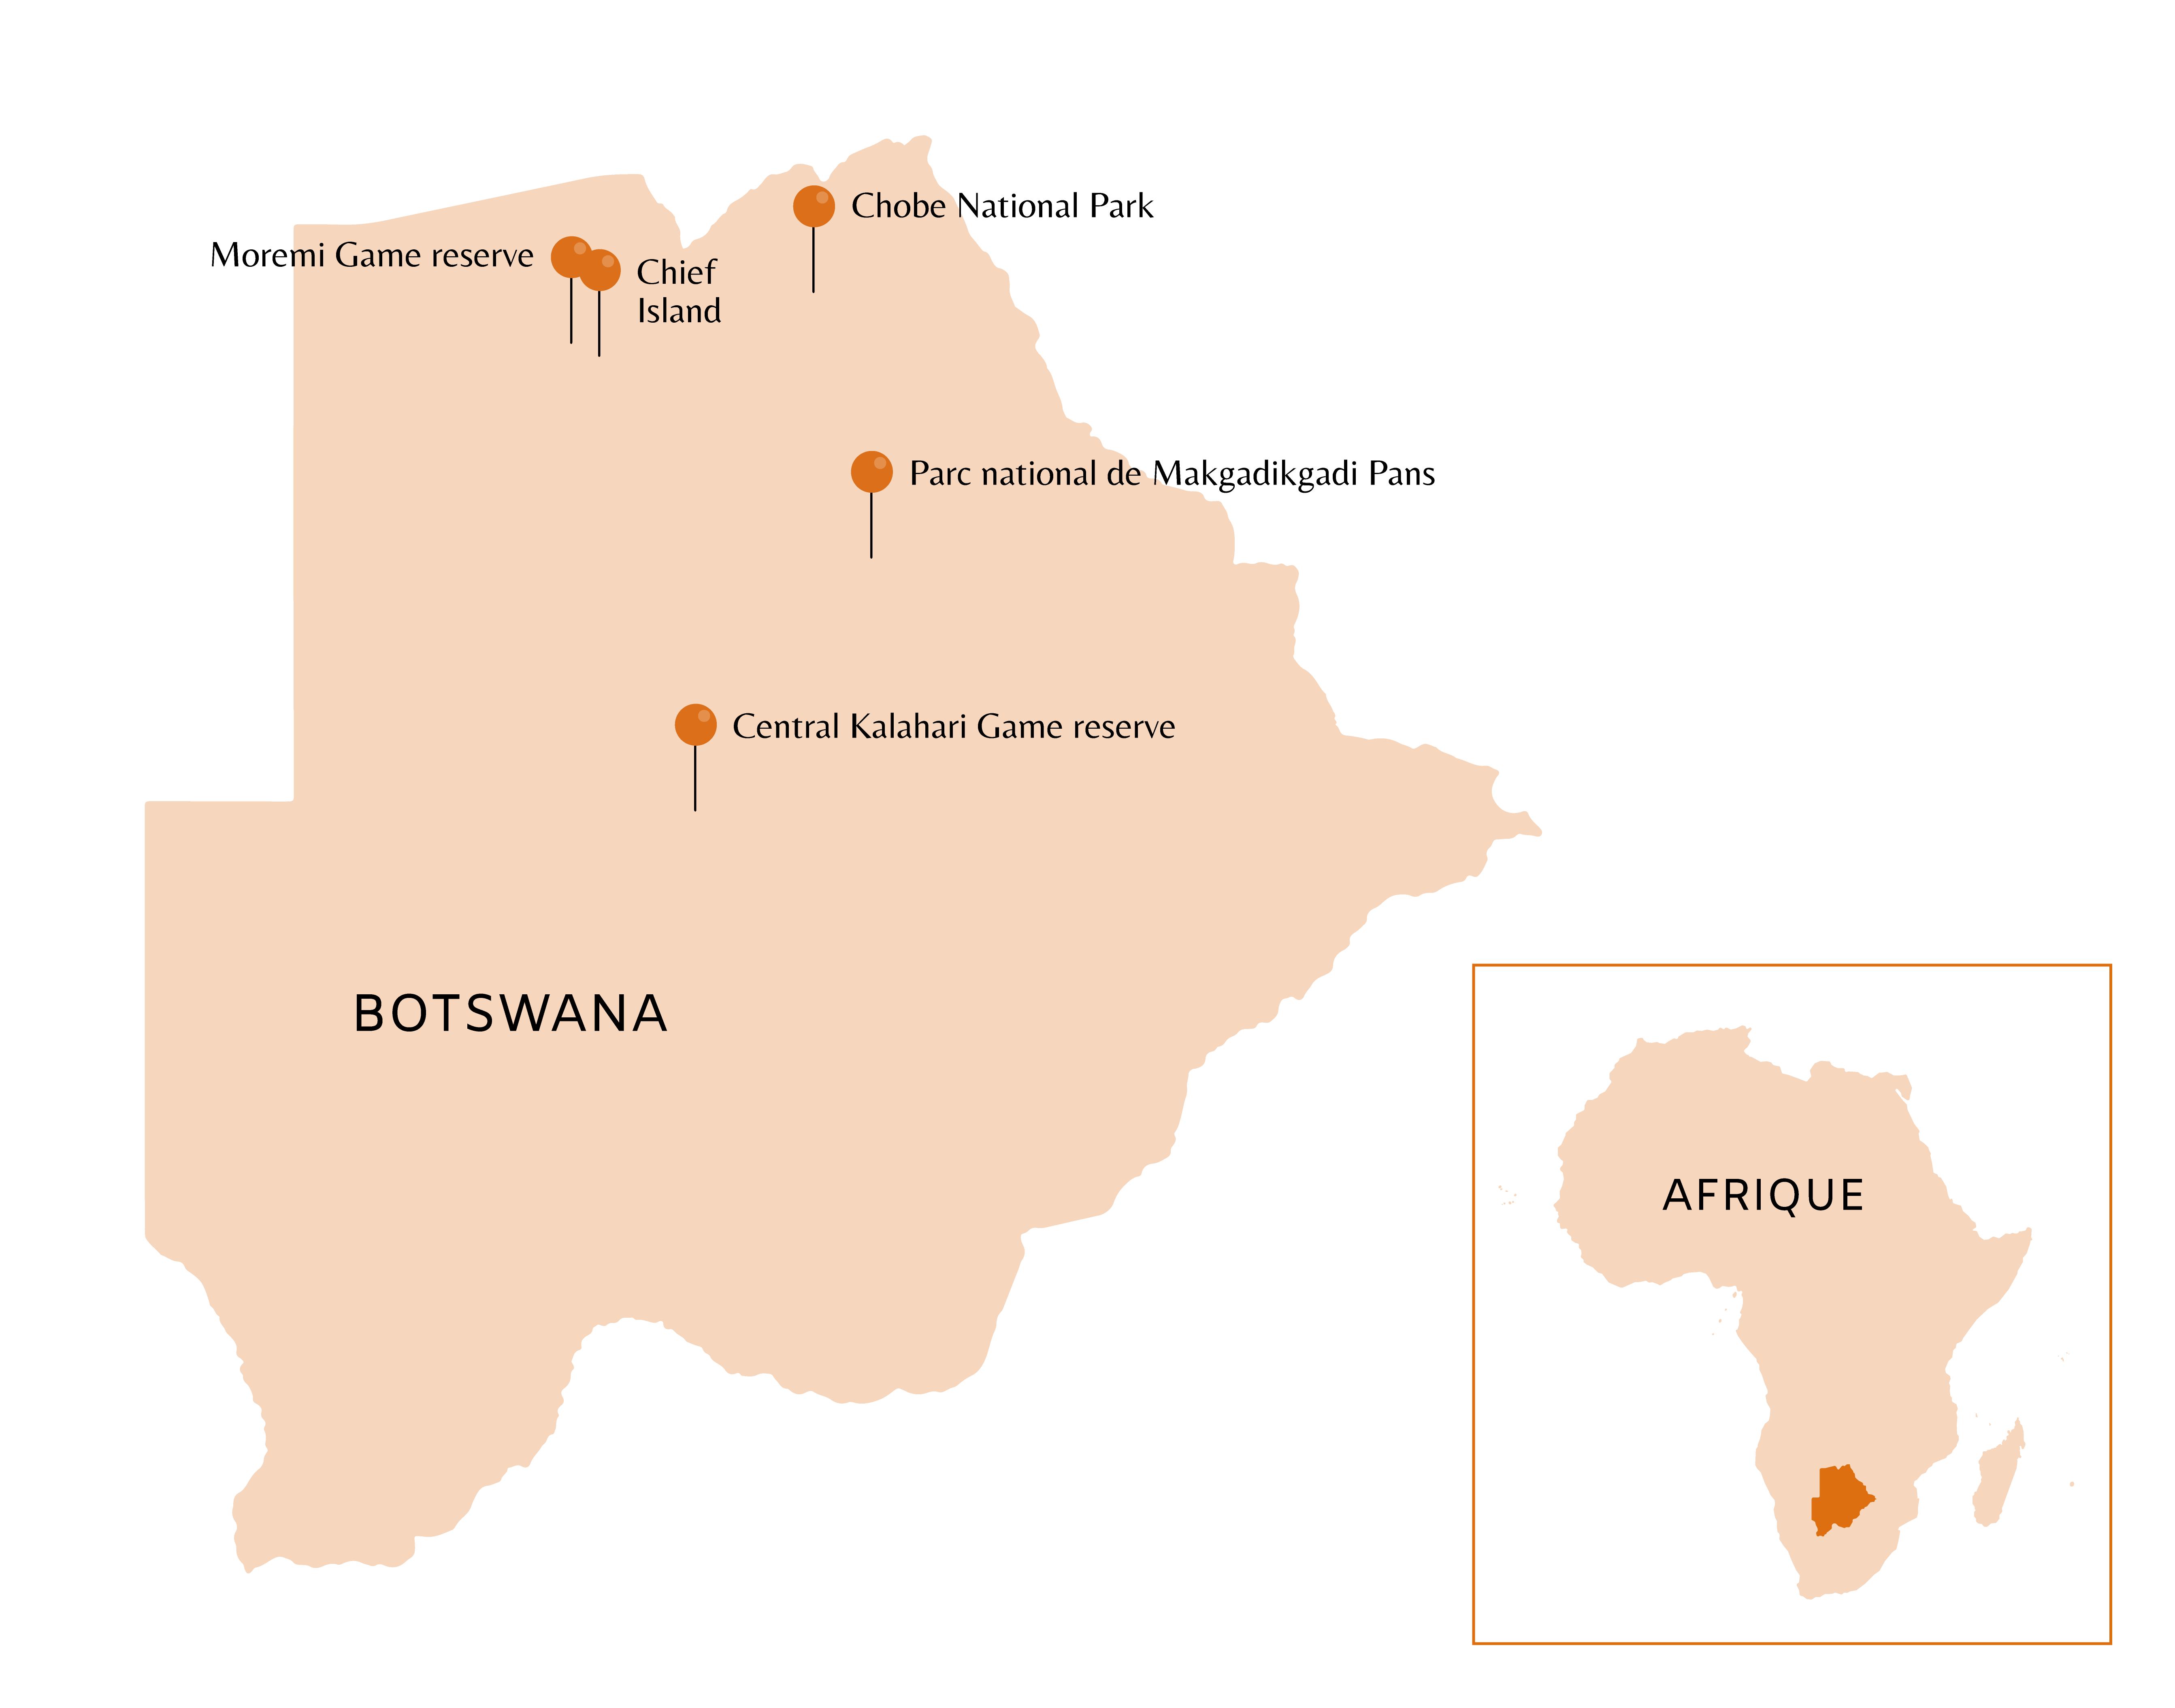 Carte du Botswana